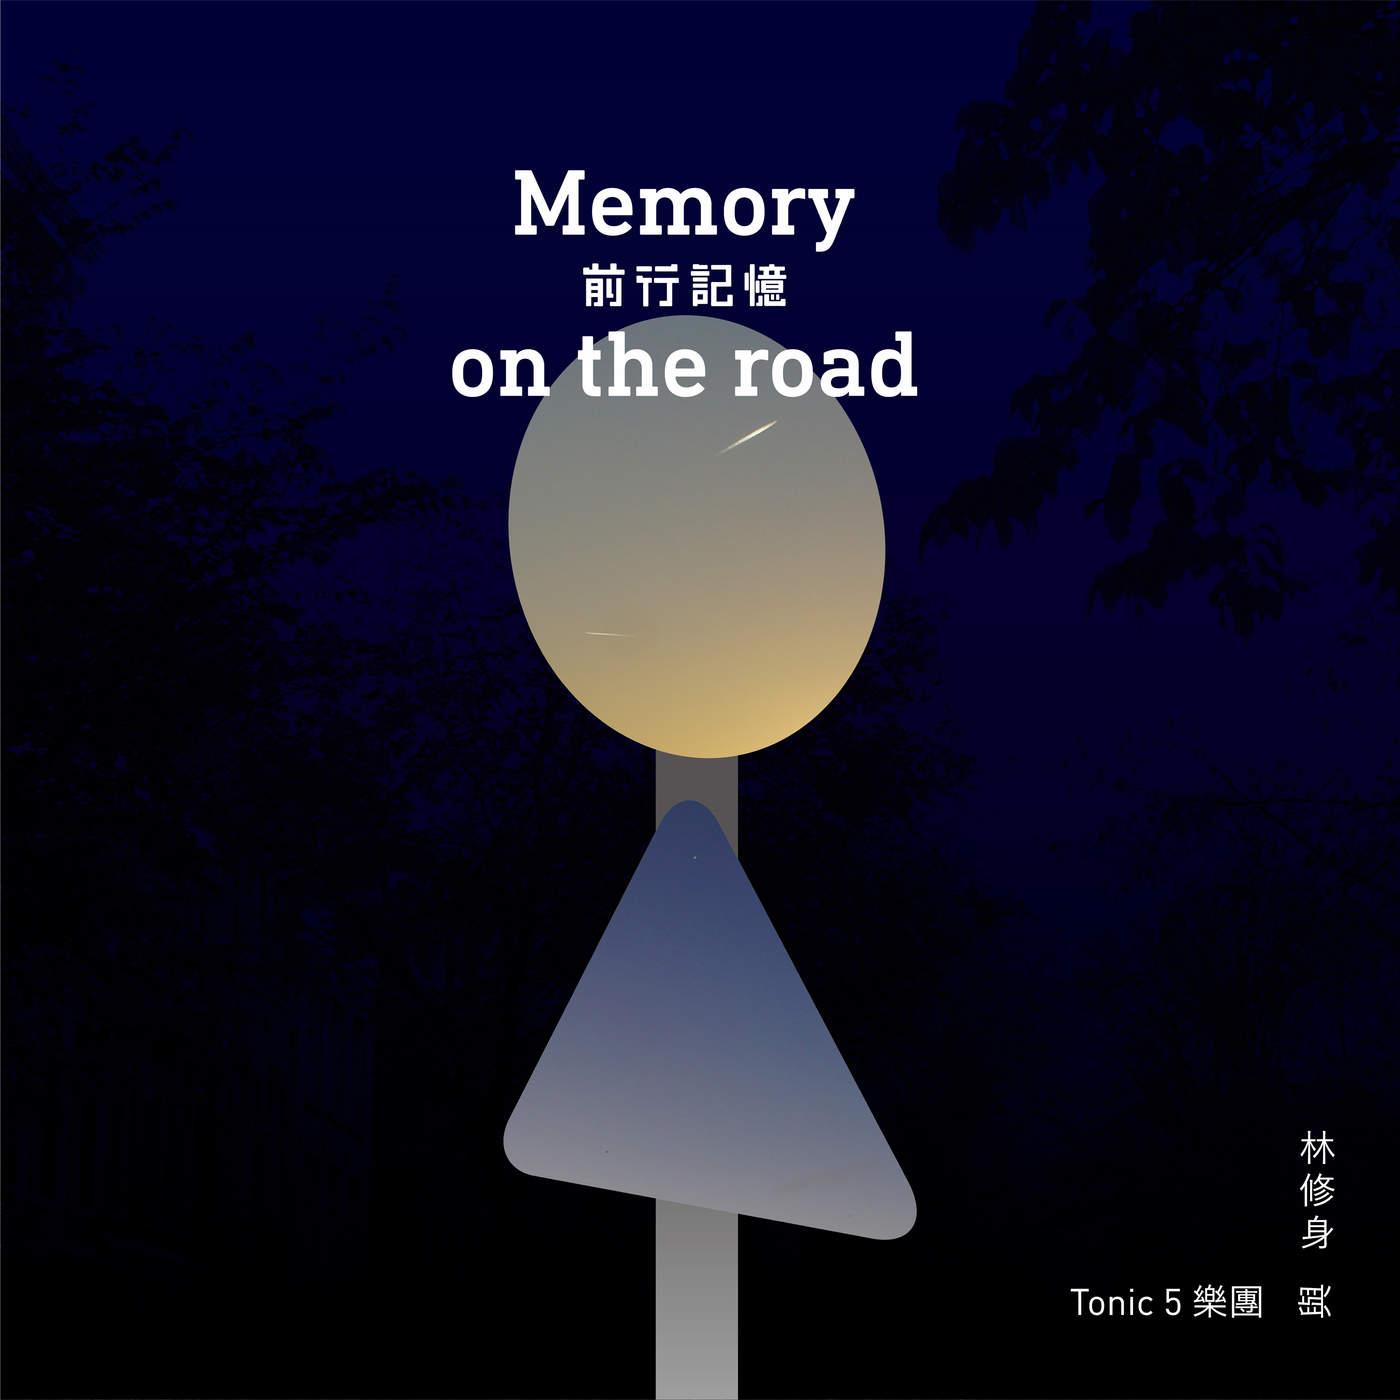 林修身与Tonic 5乐团 - 前行记忆